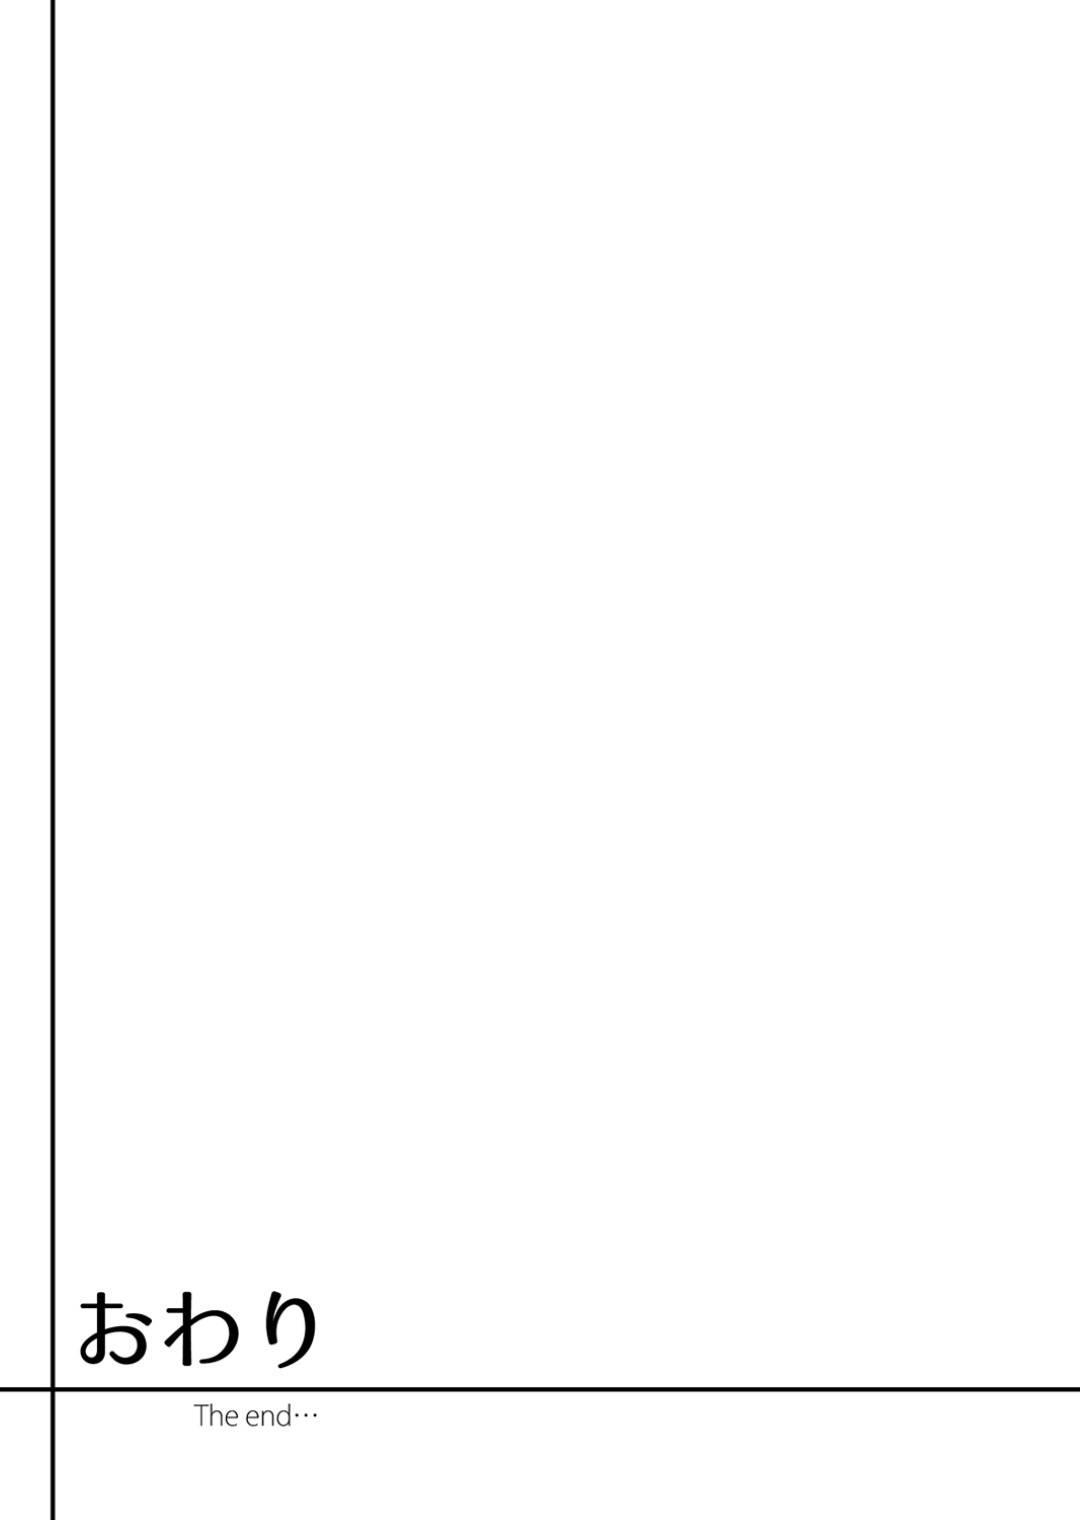 【エロ漫画】バイト先の旅館に妹が友達と遊びにきた兄…お風呂のお湯の中で妹とセックスしてしまい気持ちよくなりその後も何度も生挿入セックス【モグ:「お兄ちゃん、早く…抜いて…っ」妹に挿入しながら混浴中!友達の前なのに妹に奥までズッポリ】